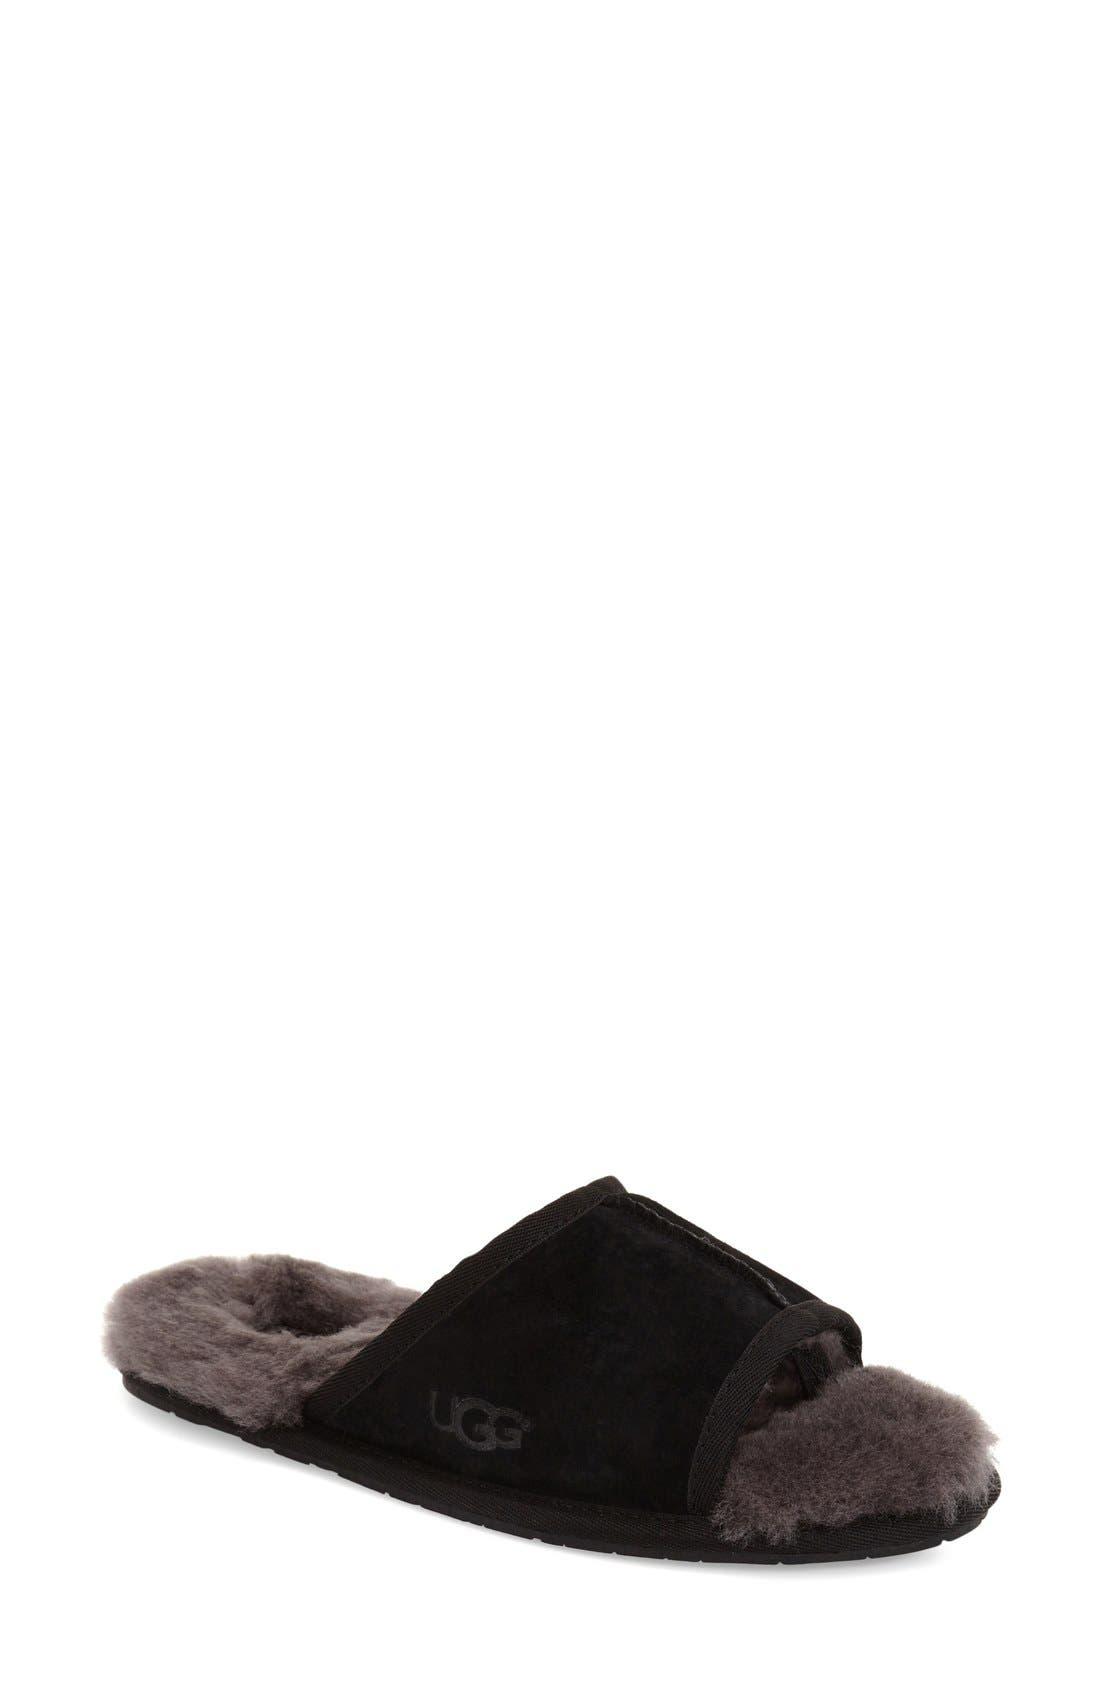 UGG<SUP>®</SUP> 'Mellie' Slide Slipper, Main, color, 001